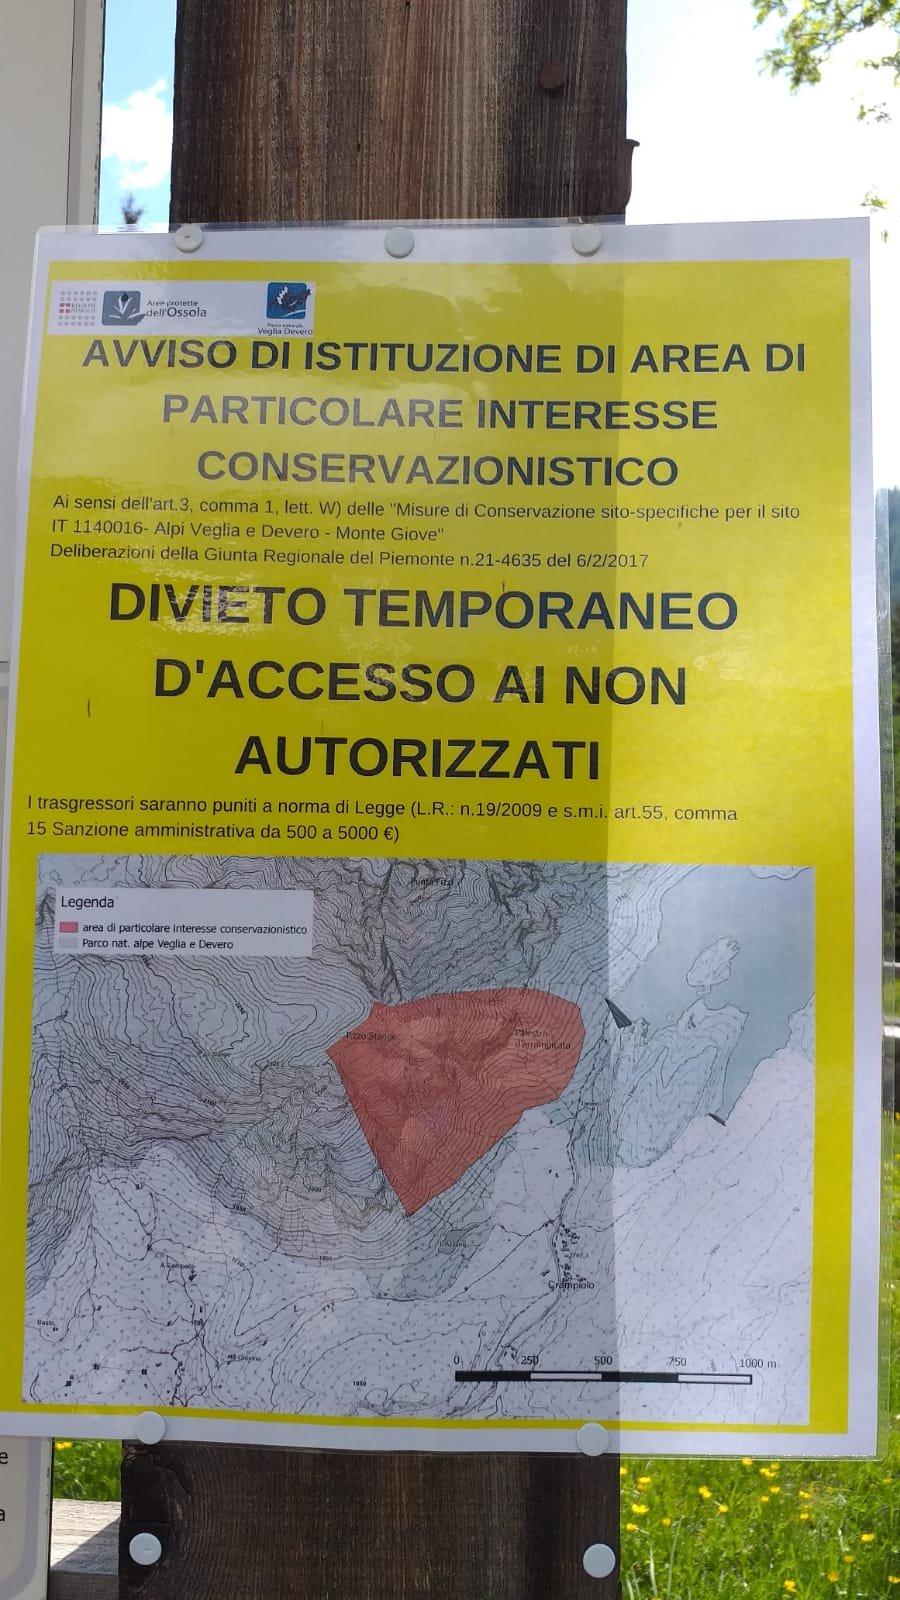 Alpe Devero Palestra di Codelago Busin Stange 2020-05-30